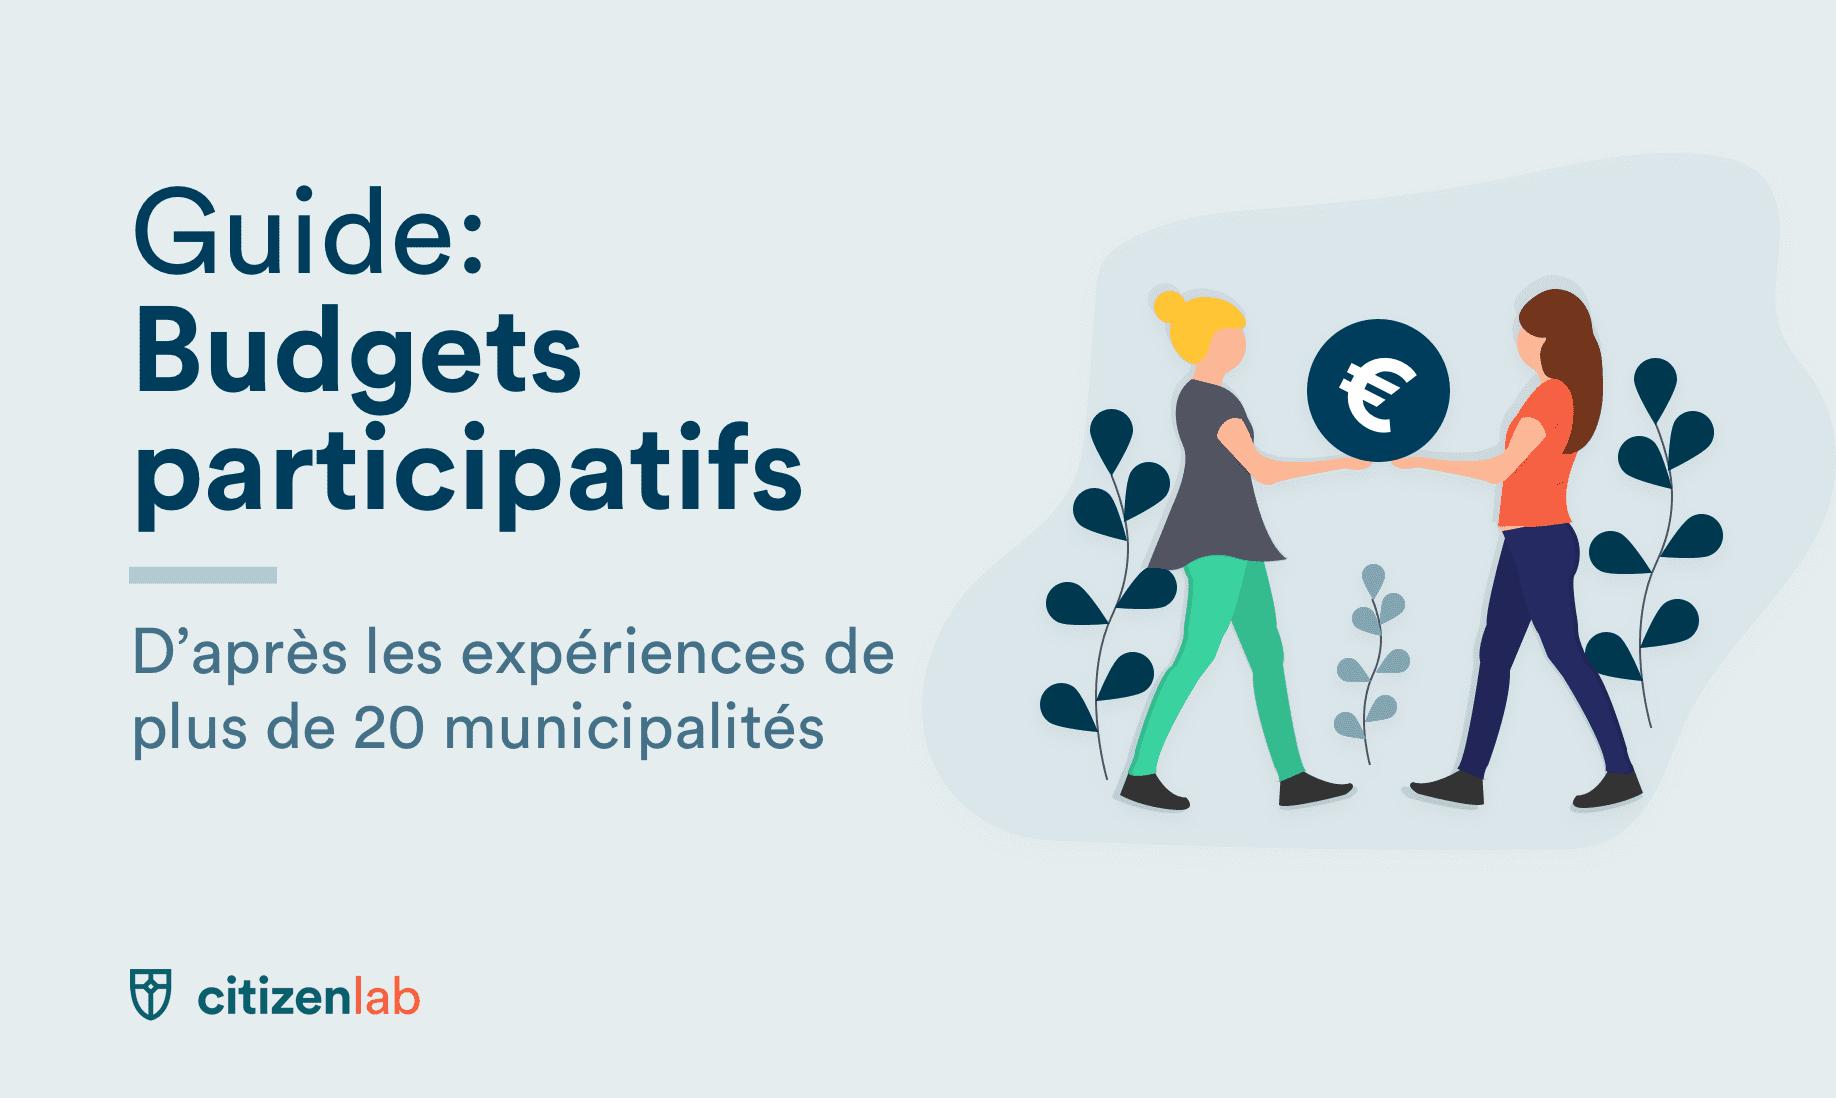 budgets participatifs